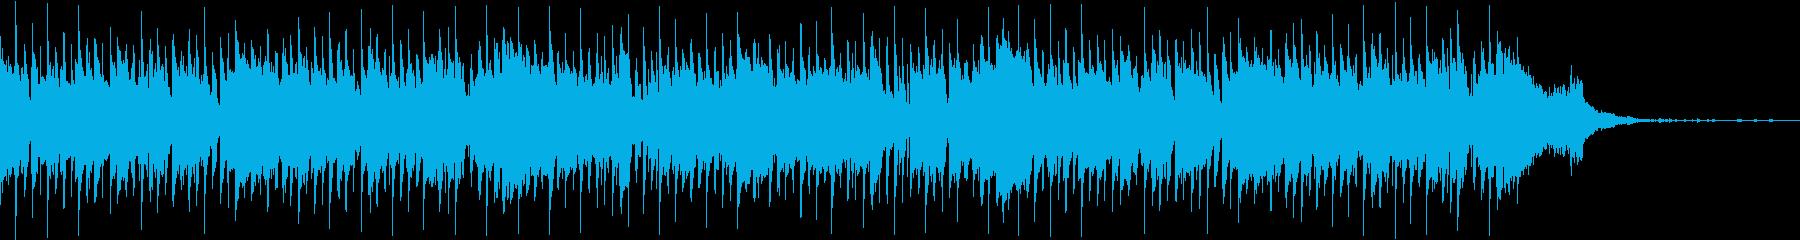 おしゃれでロマンチックなCM映像用ジャズの再生済みの波形